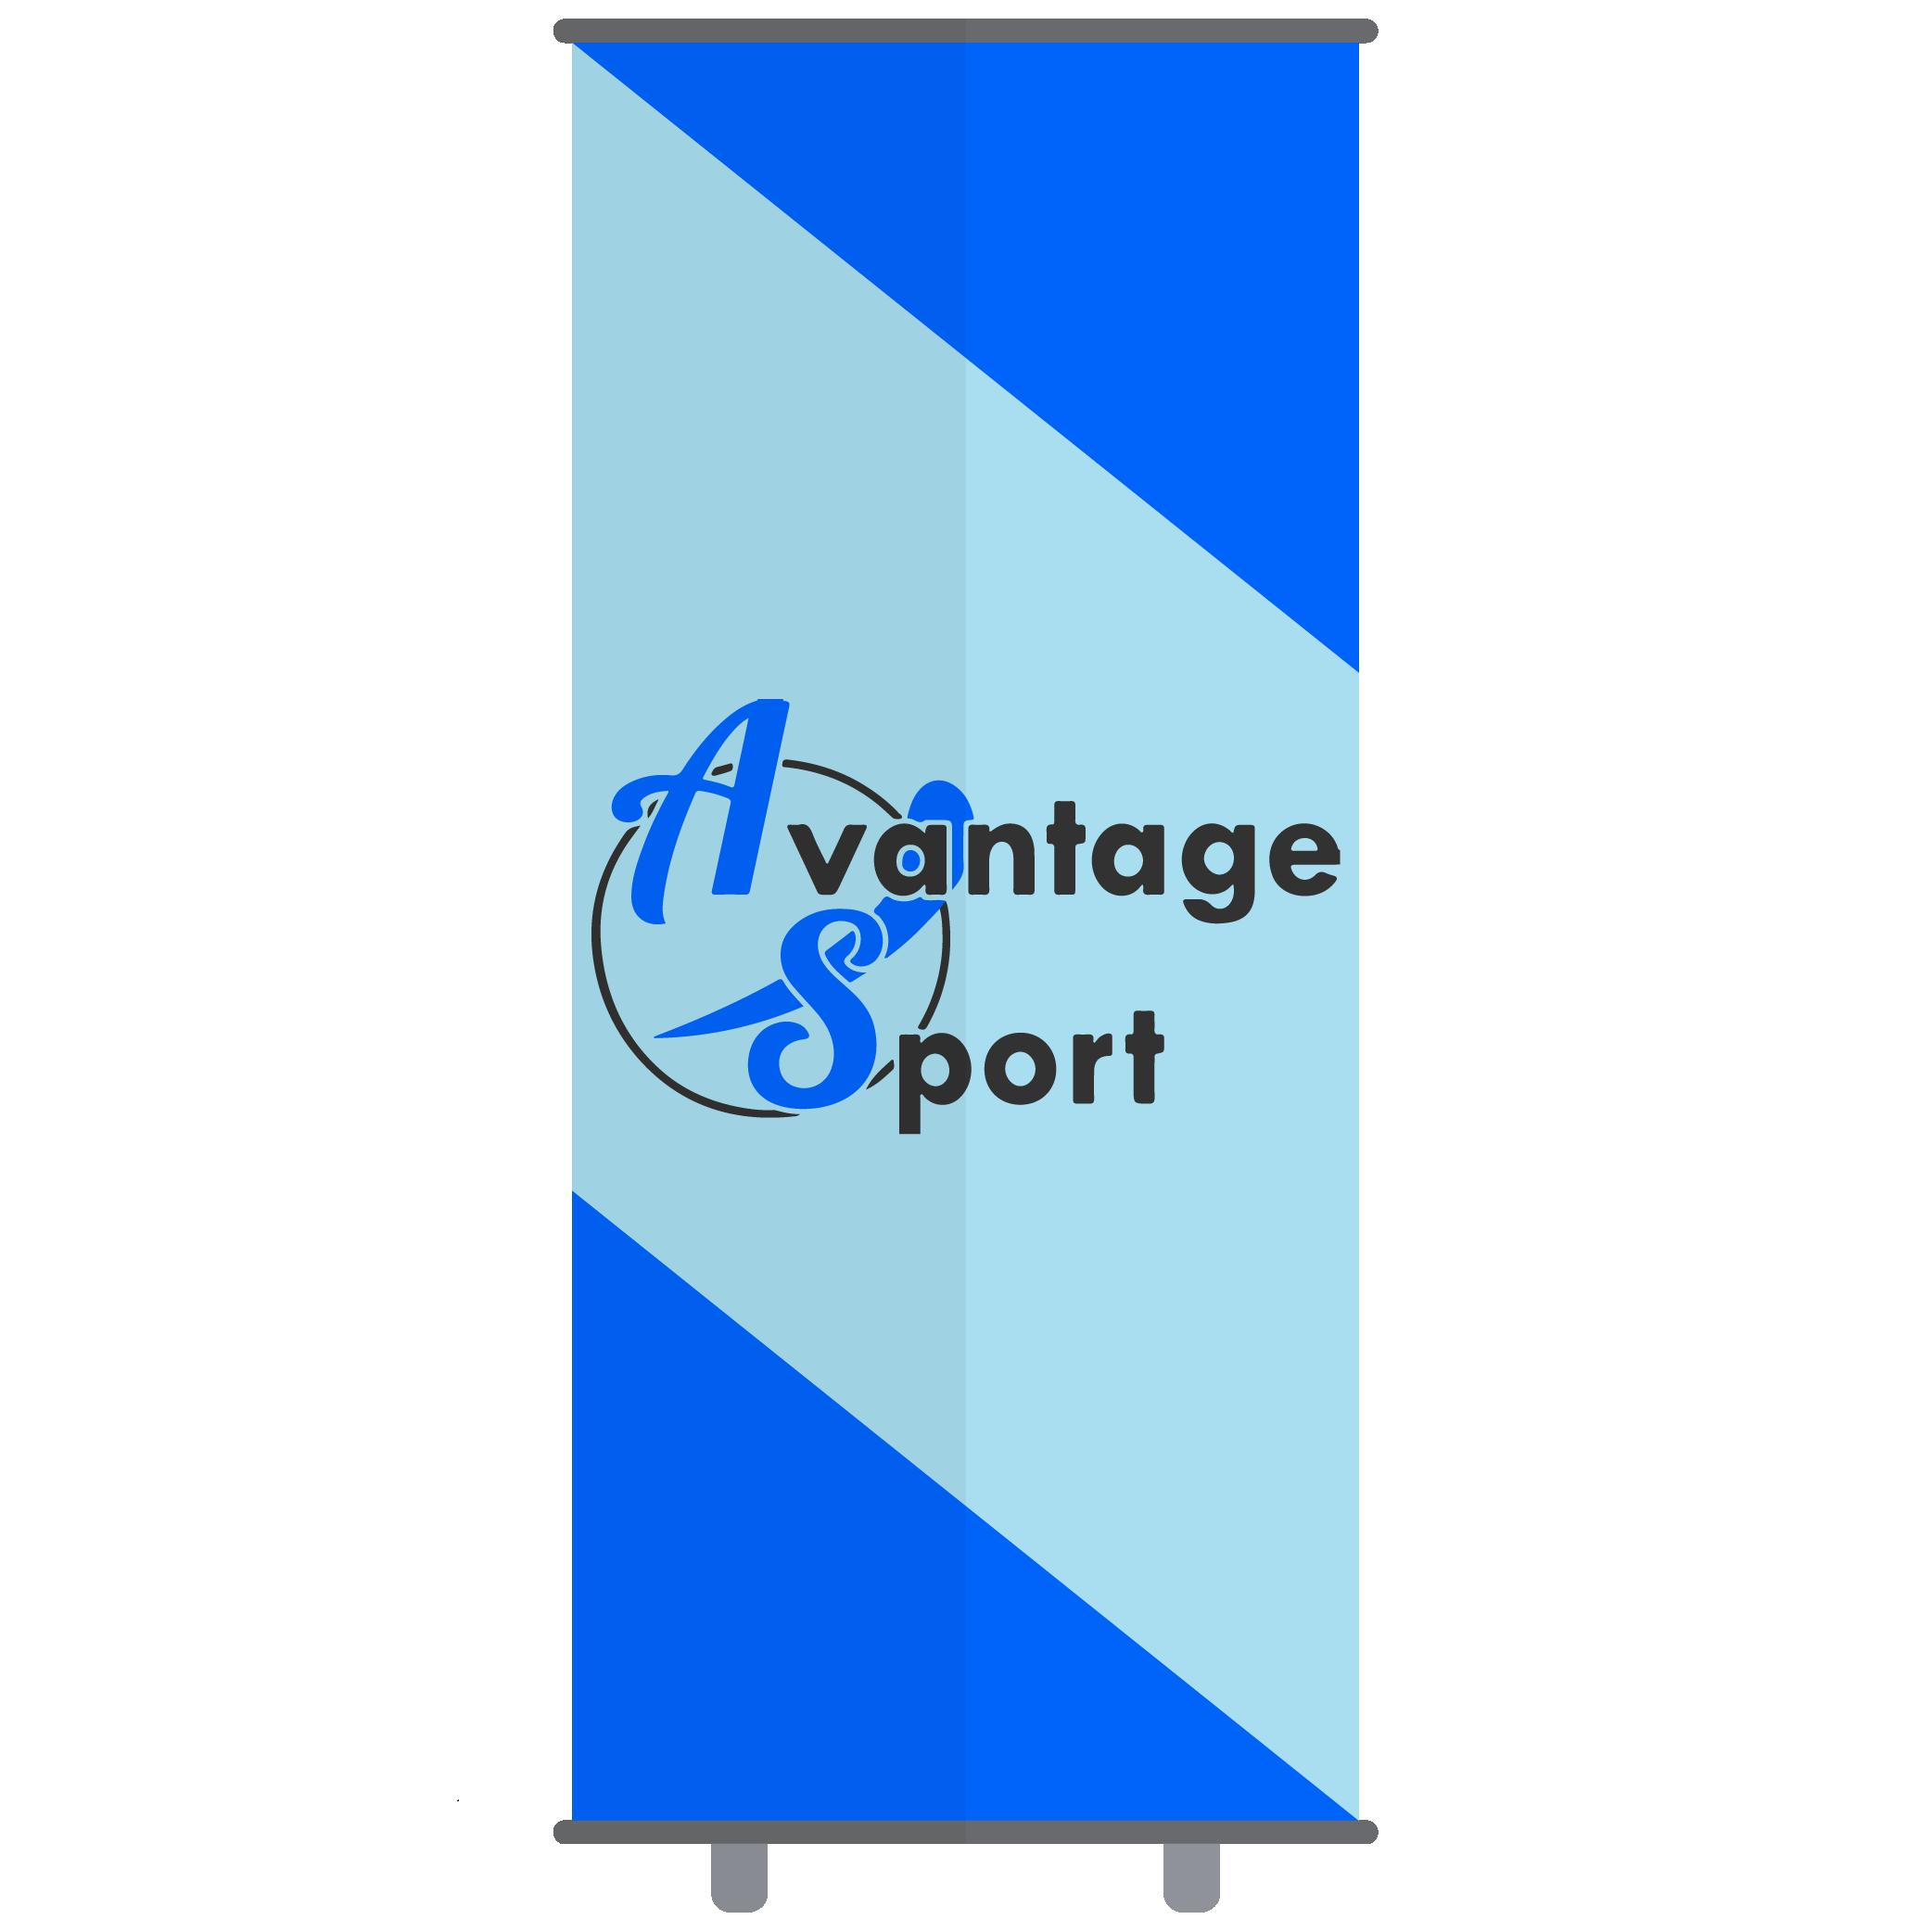 Avantage Sport Objet Publicitaire